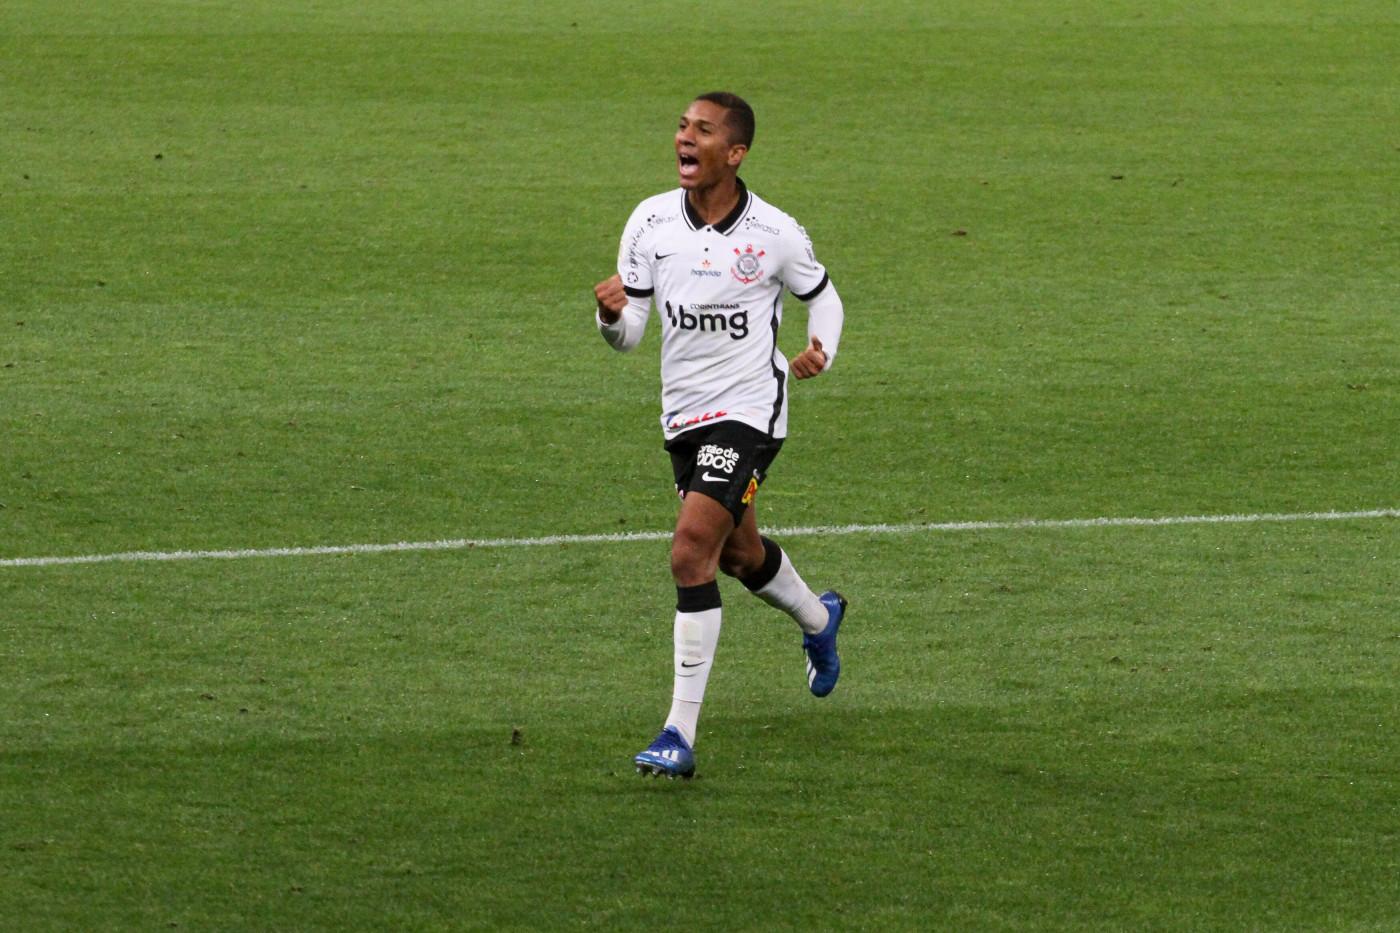 Matheus Davó celebra gol com a camisa do Corinthians diante do Internacional